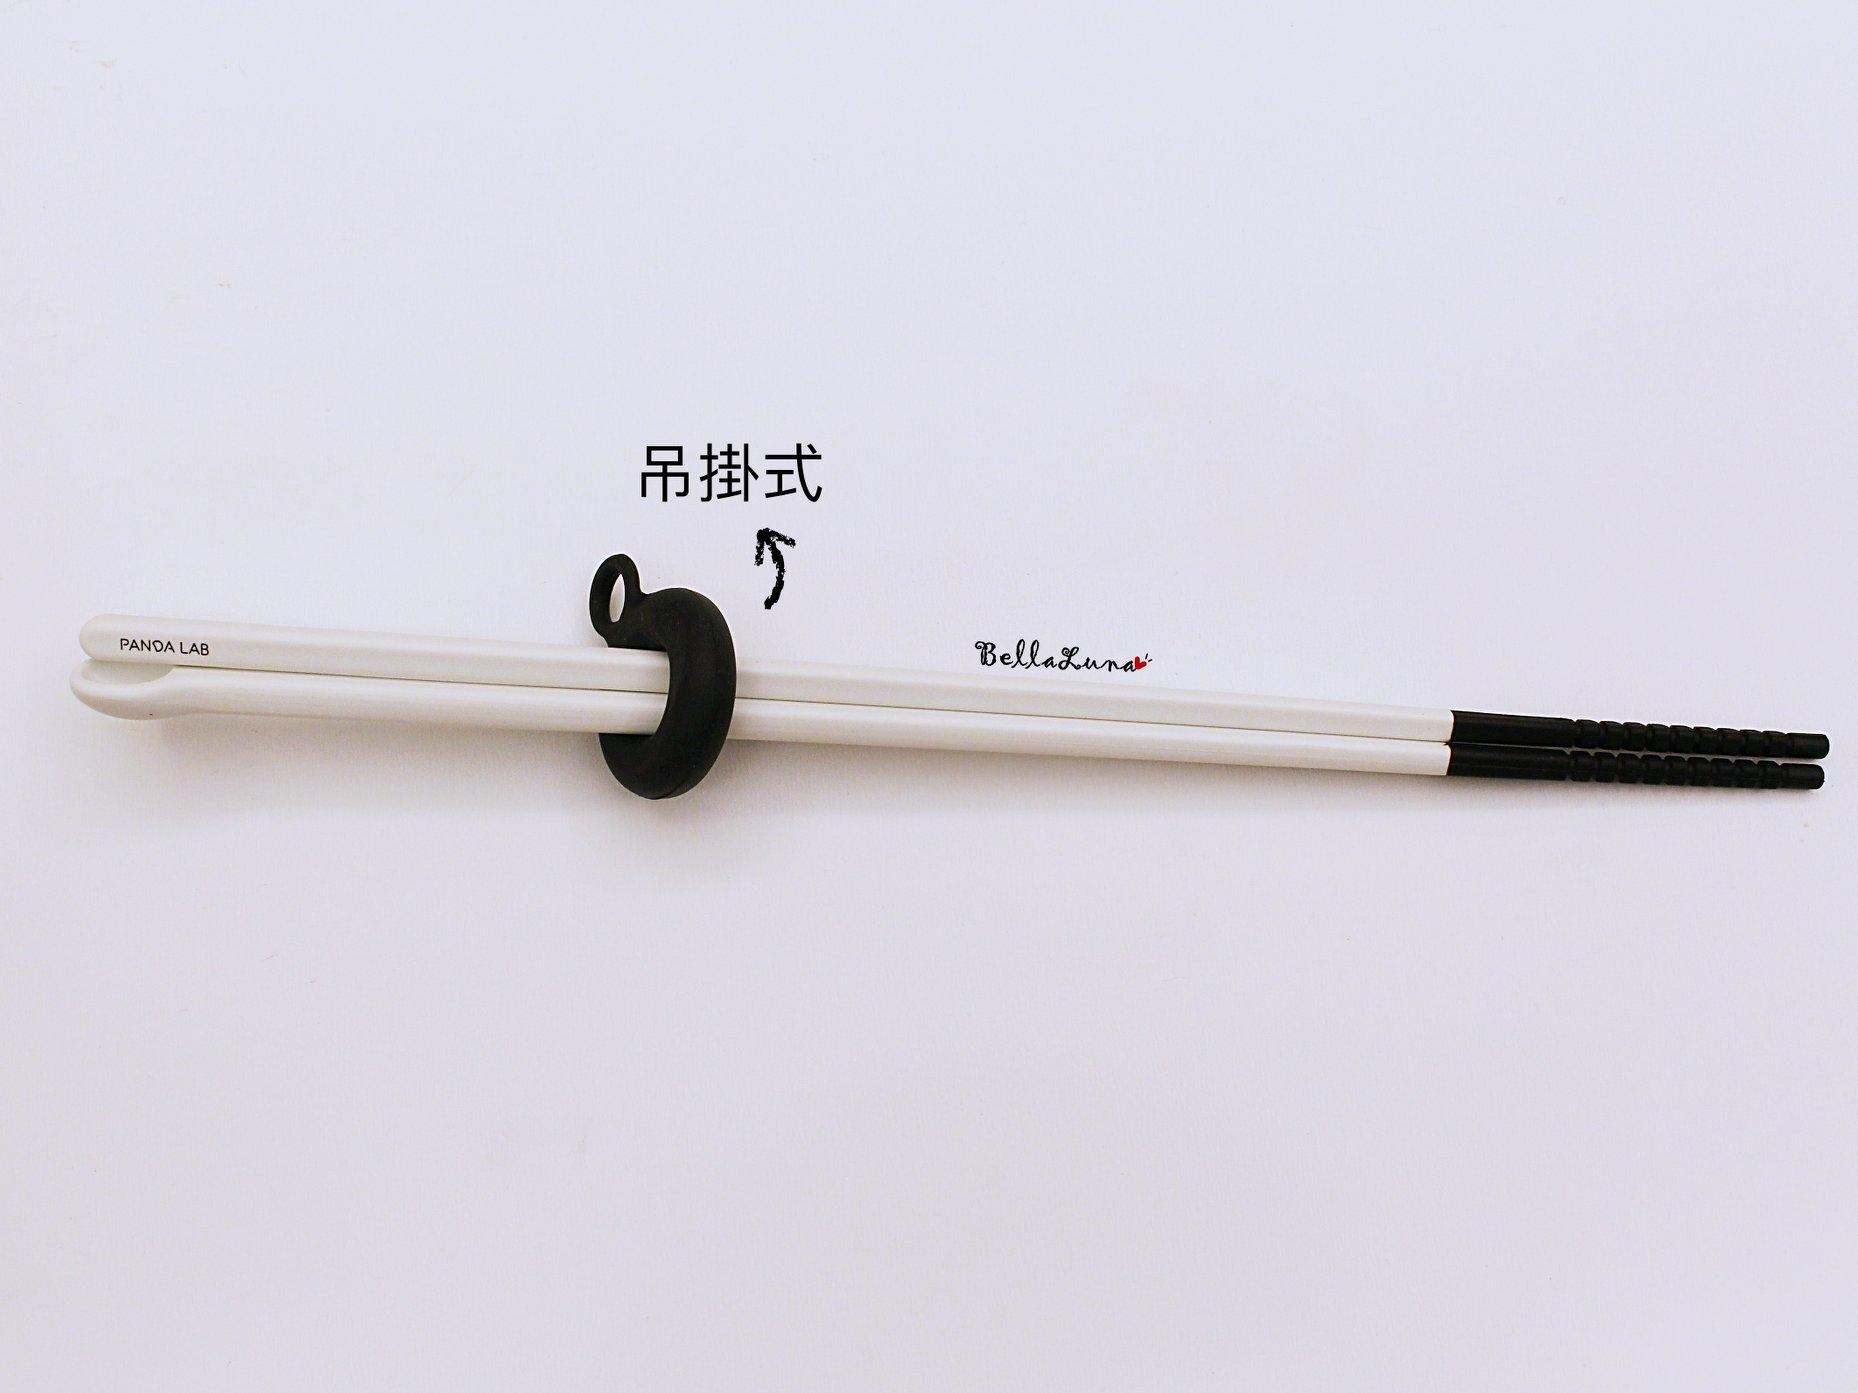 熊貓廚具 7.jpg